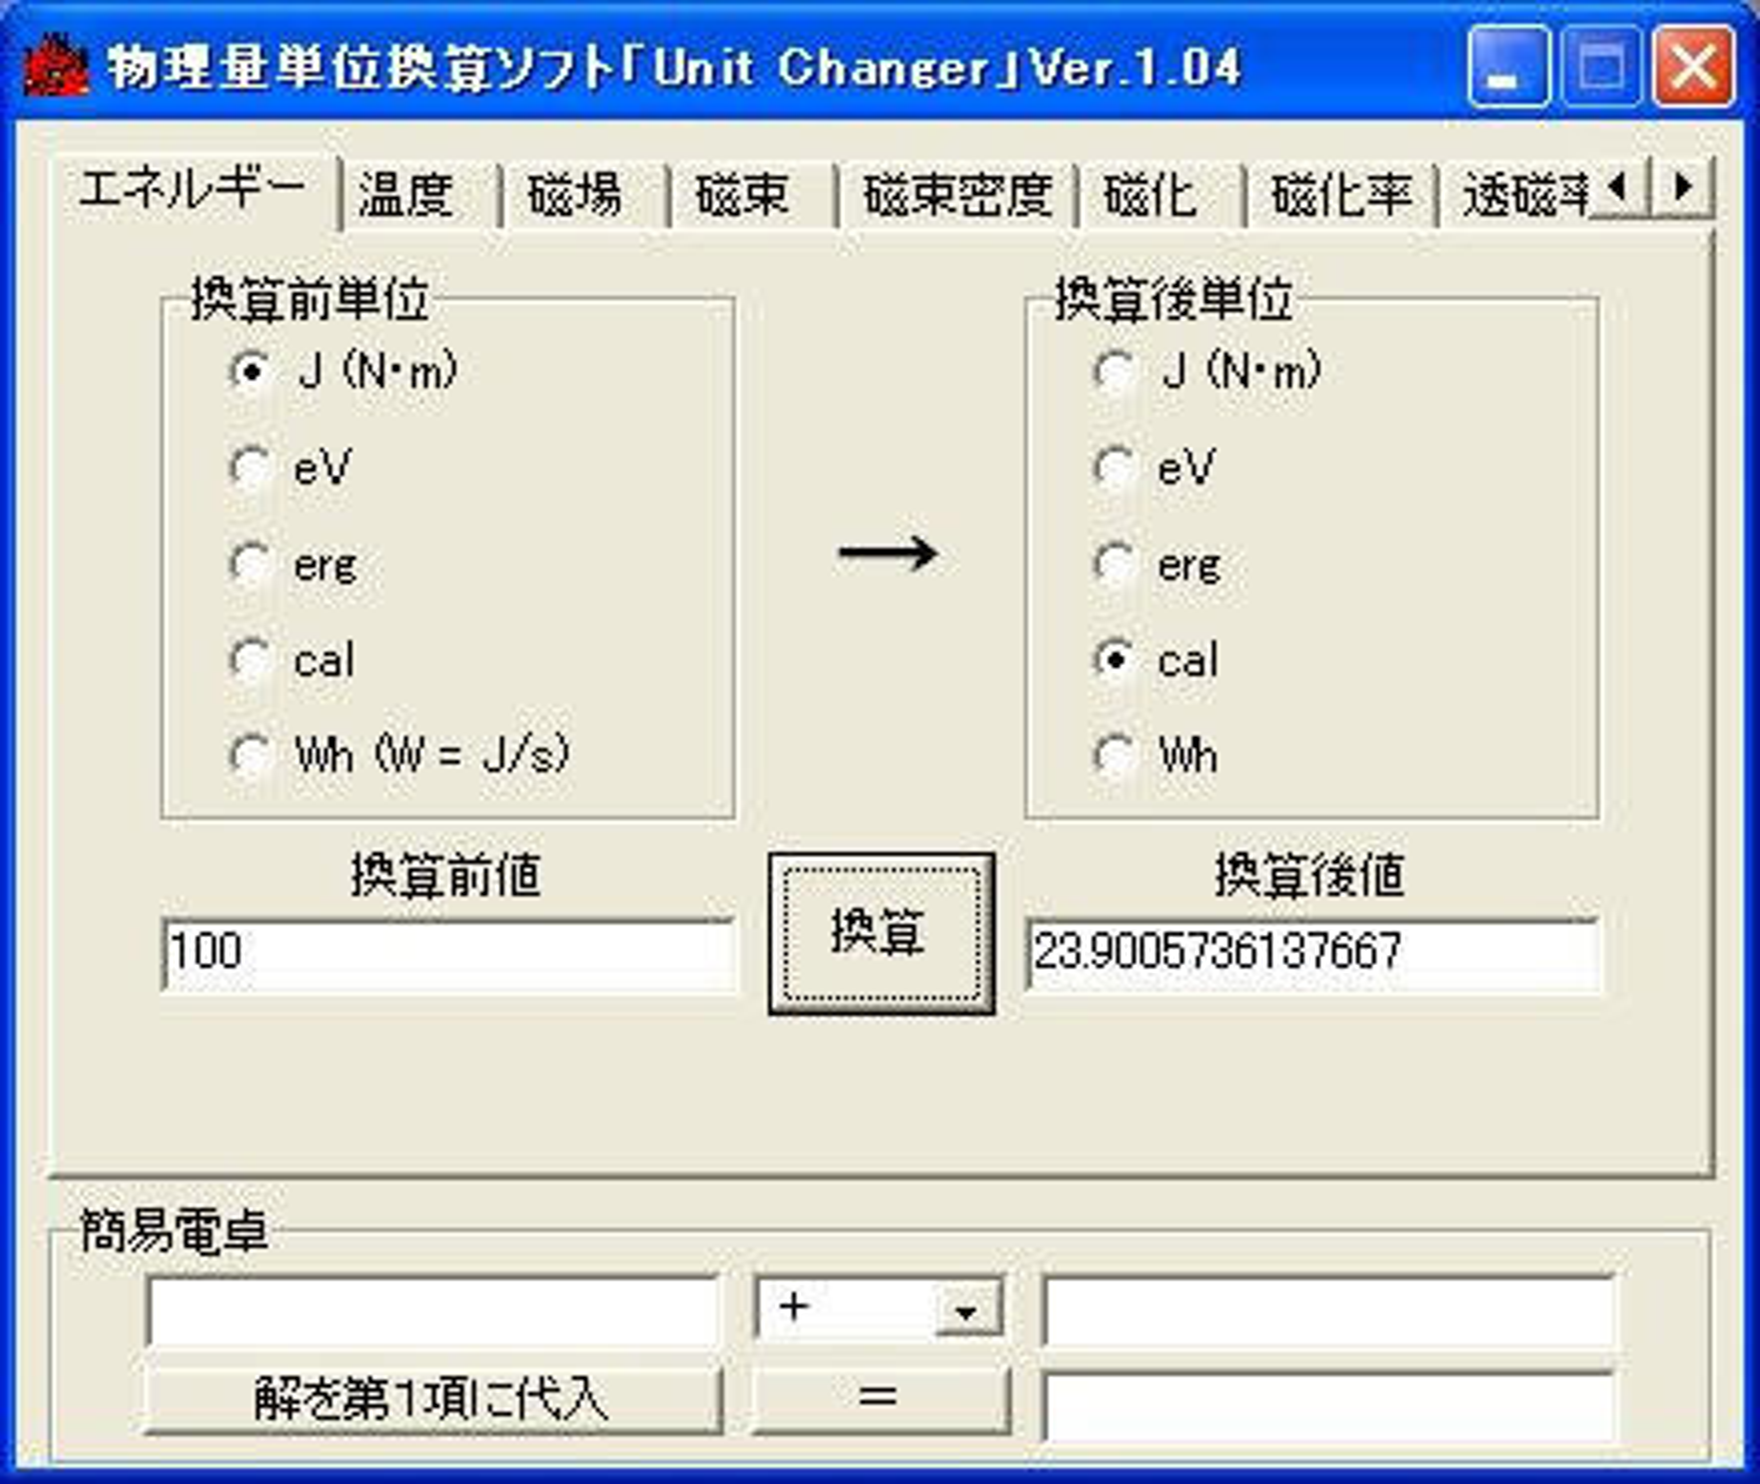 物理量単位換算ソフト「Unit Changer」